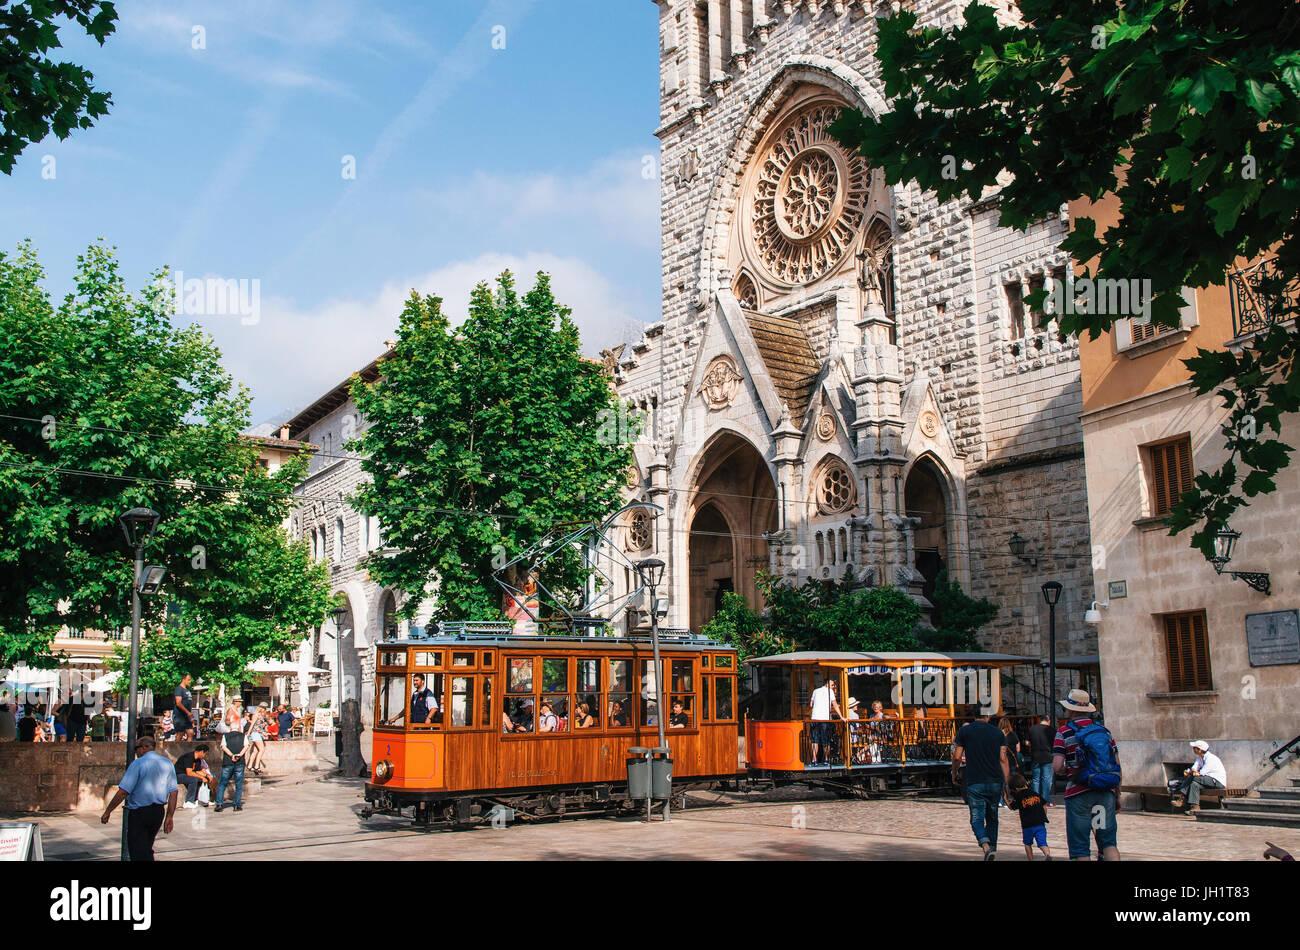 Port de Soller, Mallorca, Spanien - 26. Mai 2016: alte Straßenbahn in Soller vor mittelalterlichen gotischen Stockbild